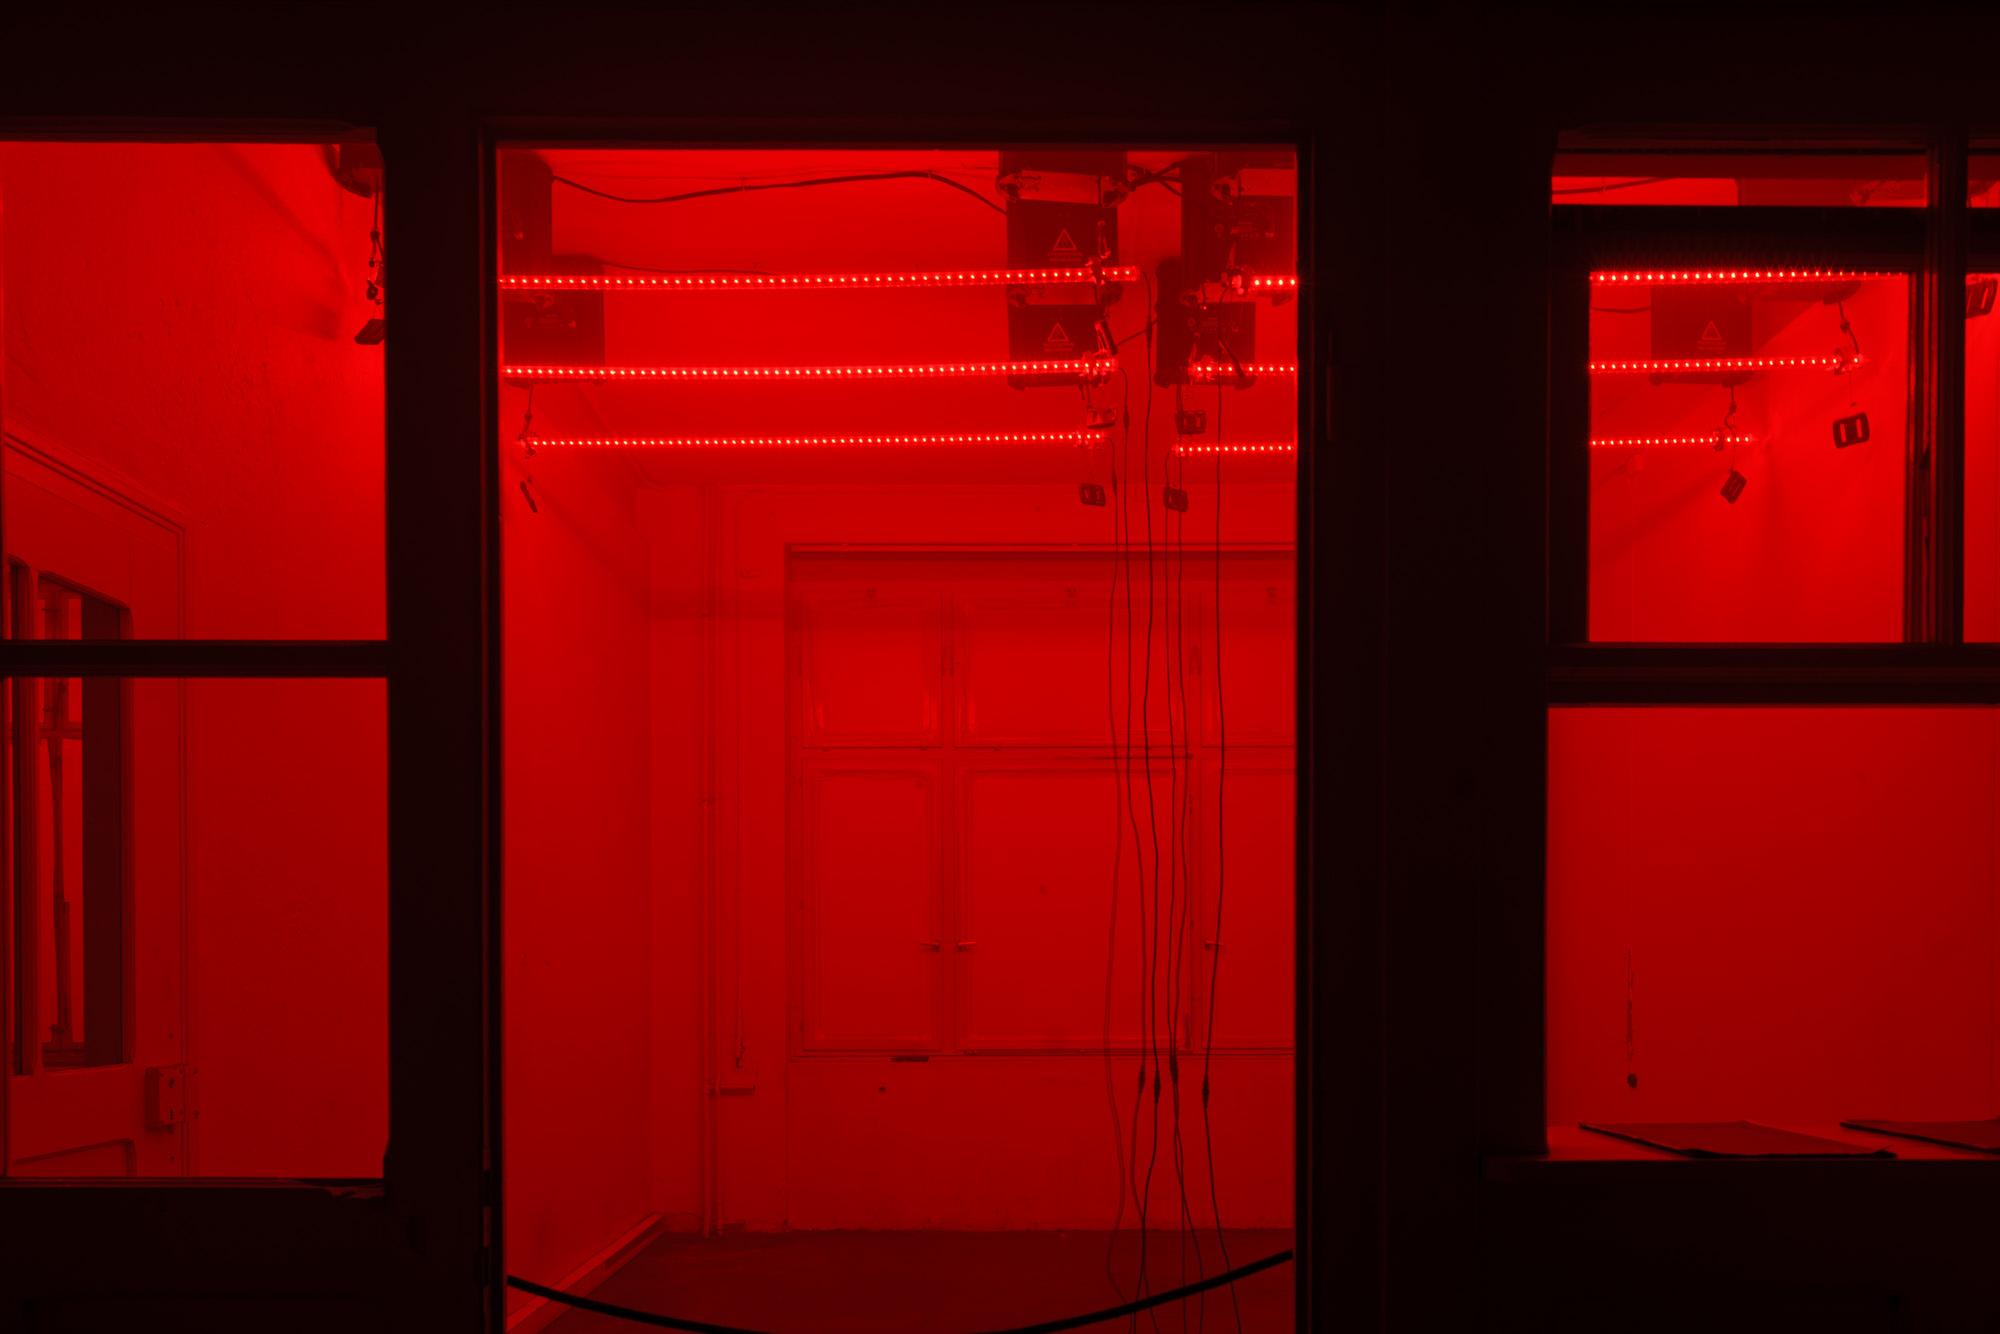 15-12-04 AV Exciters - SelEstArt © Bartosch Salmanski - www.128db.fr 0026